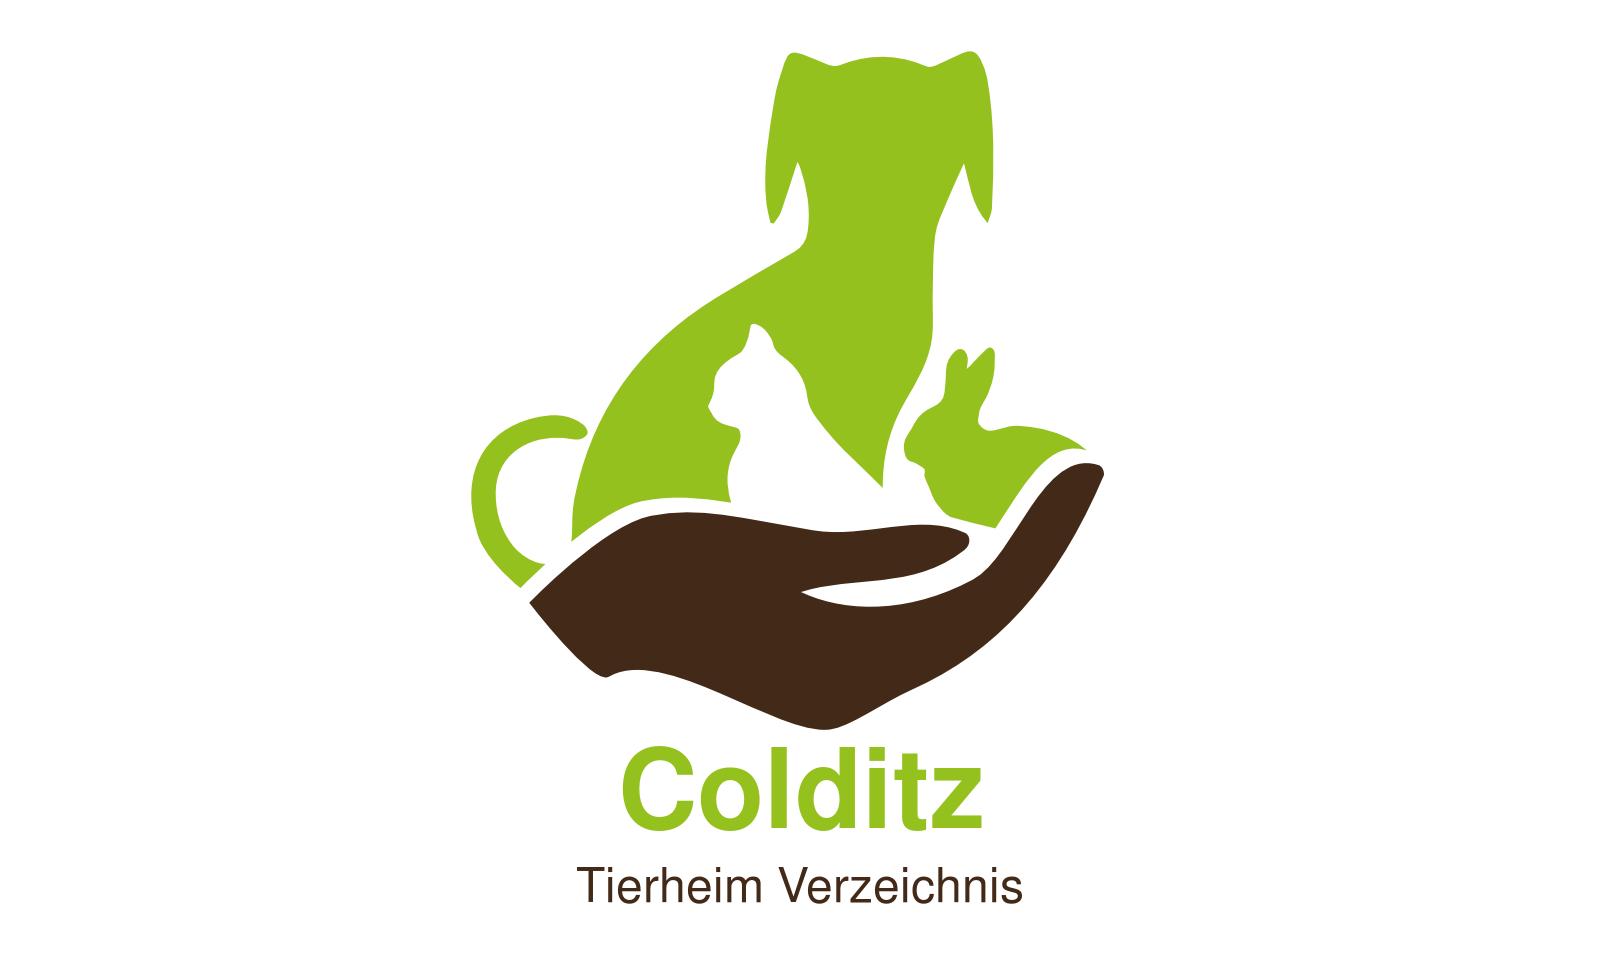 Tierheim Colditz